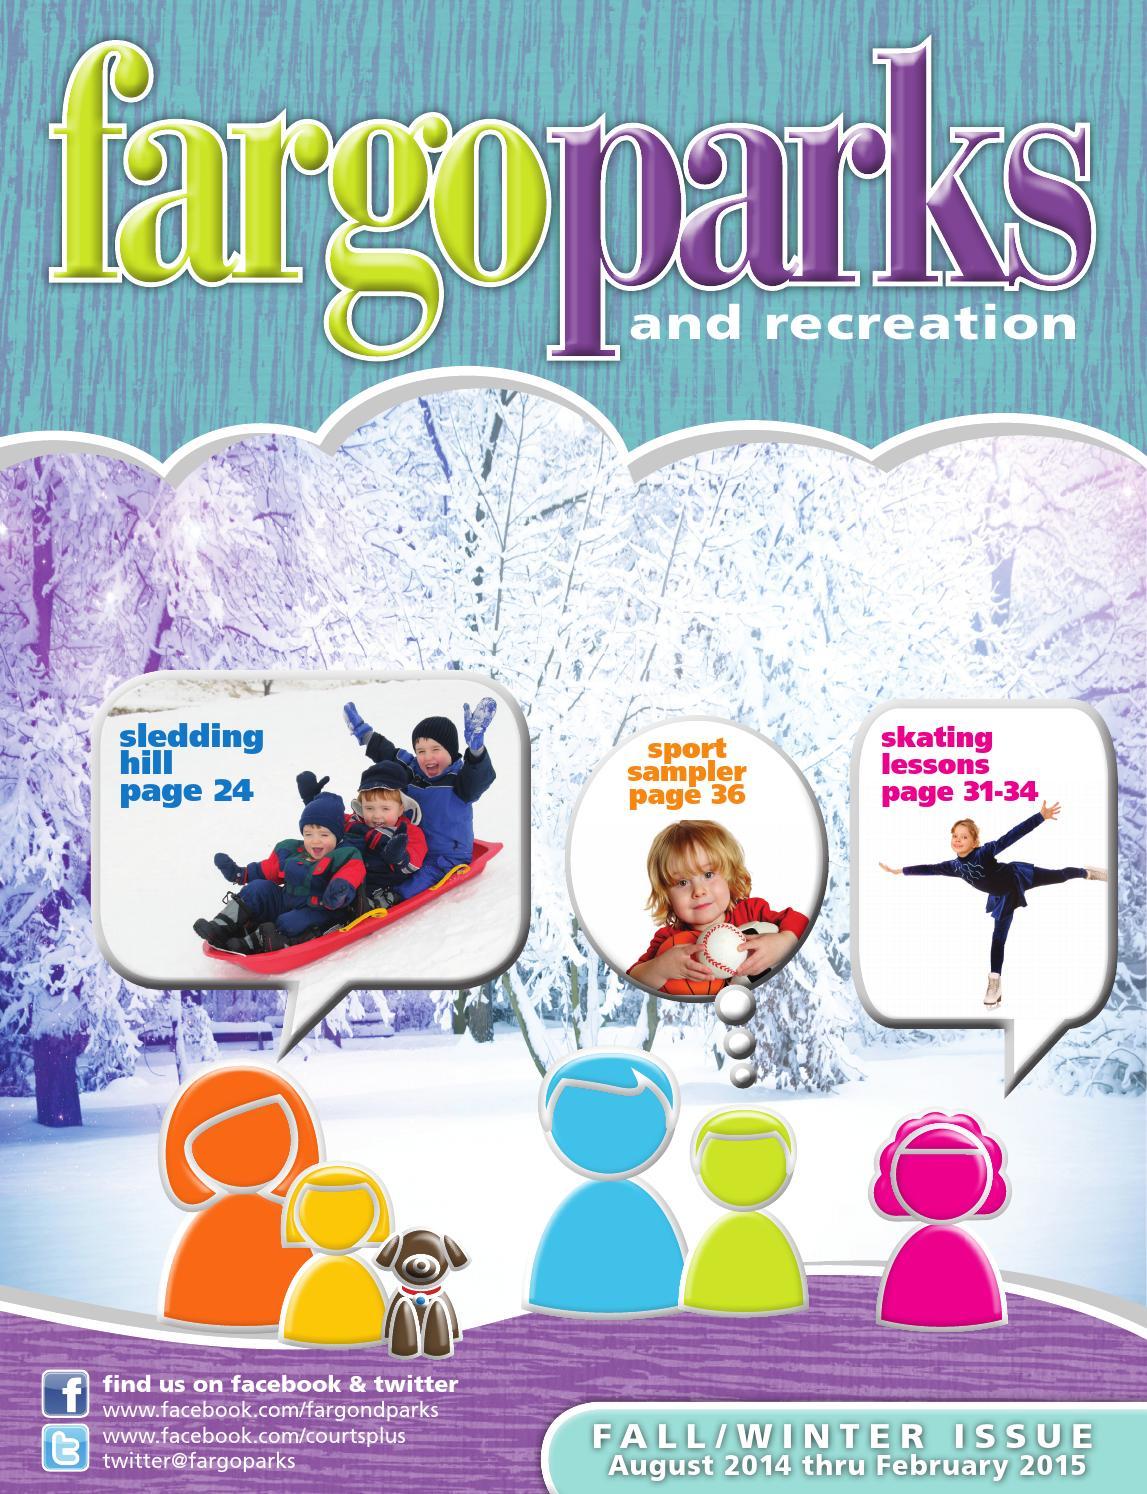 Fargo Parks Fall Winter Brochure By Fargoparks Issuu